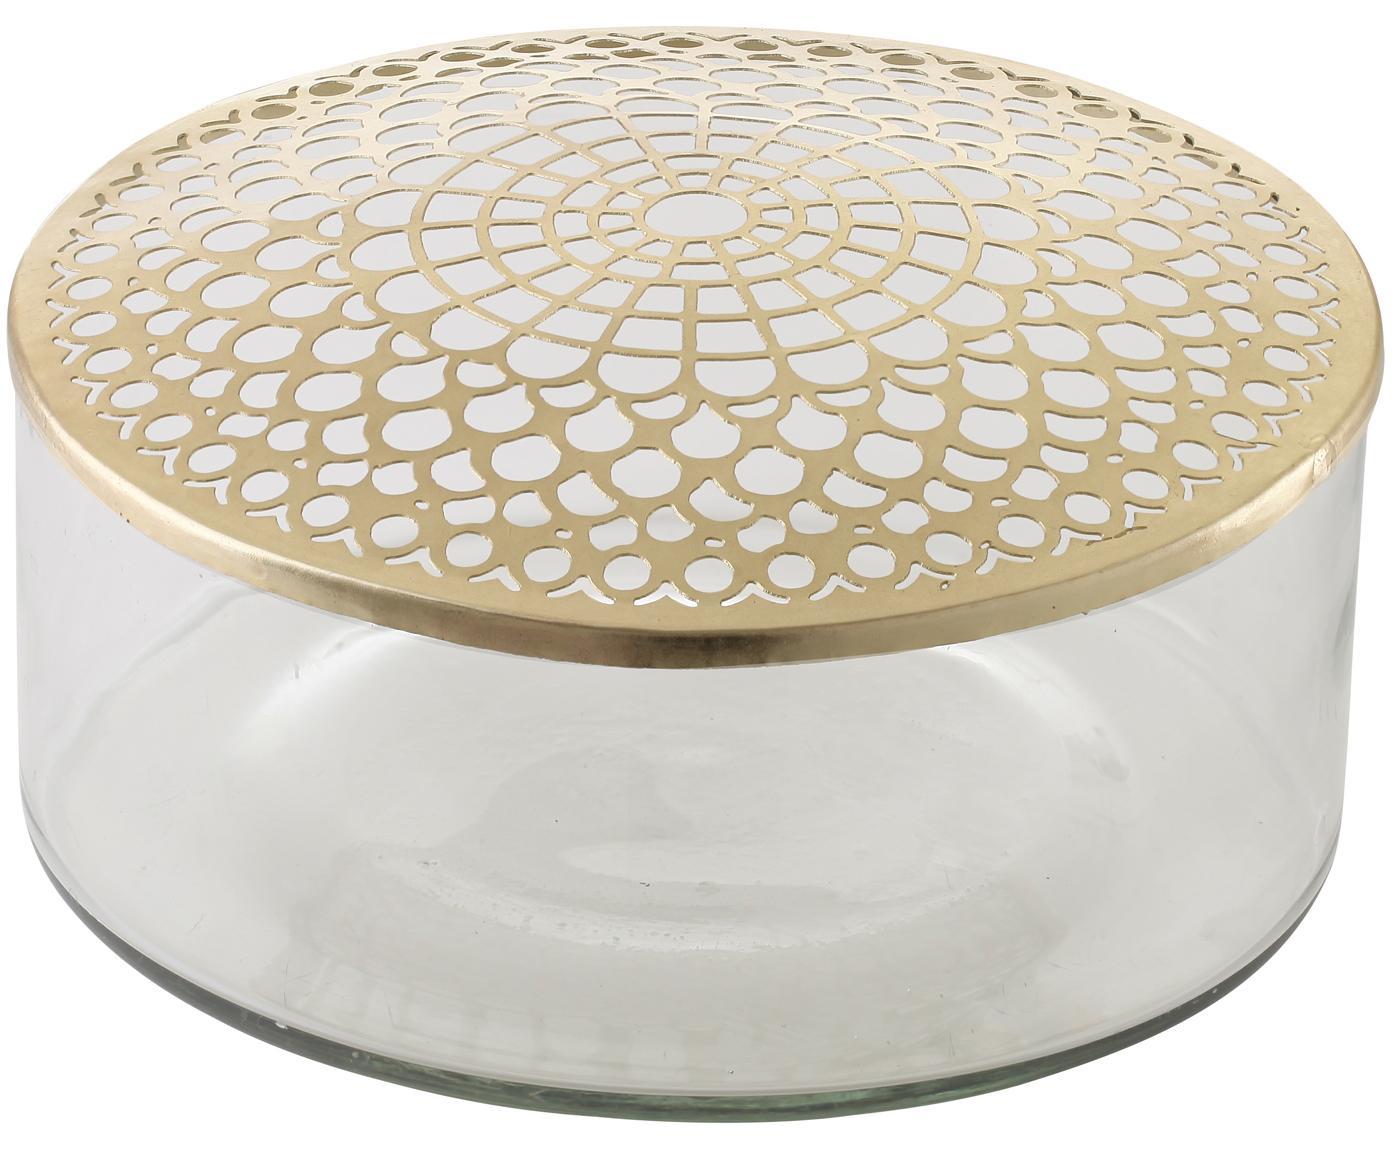 Wazon ze szkła z metalową pokrywką Kassandra, Wazon: transparentny Pokrywka: mosiądz, Ø 21 x W 10 cm